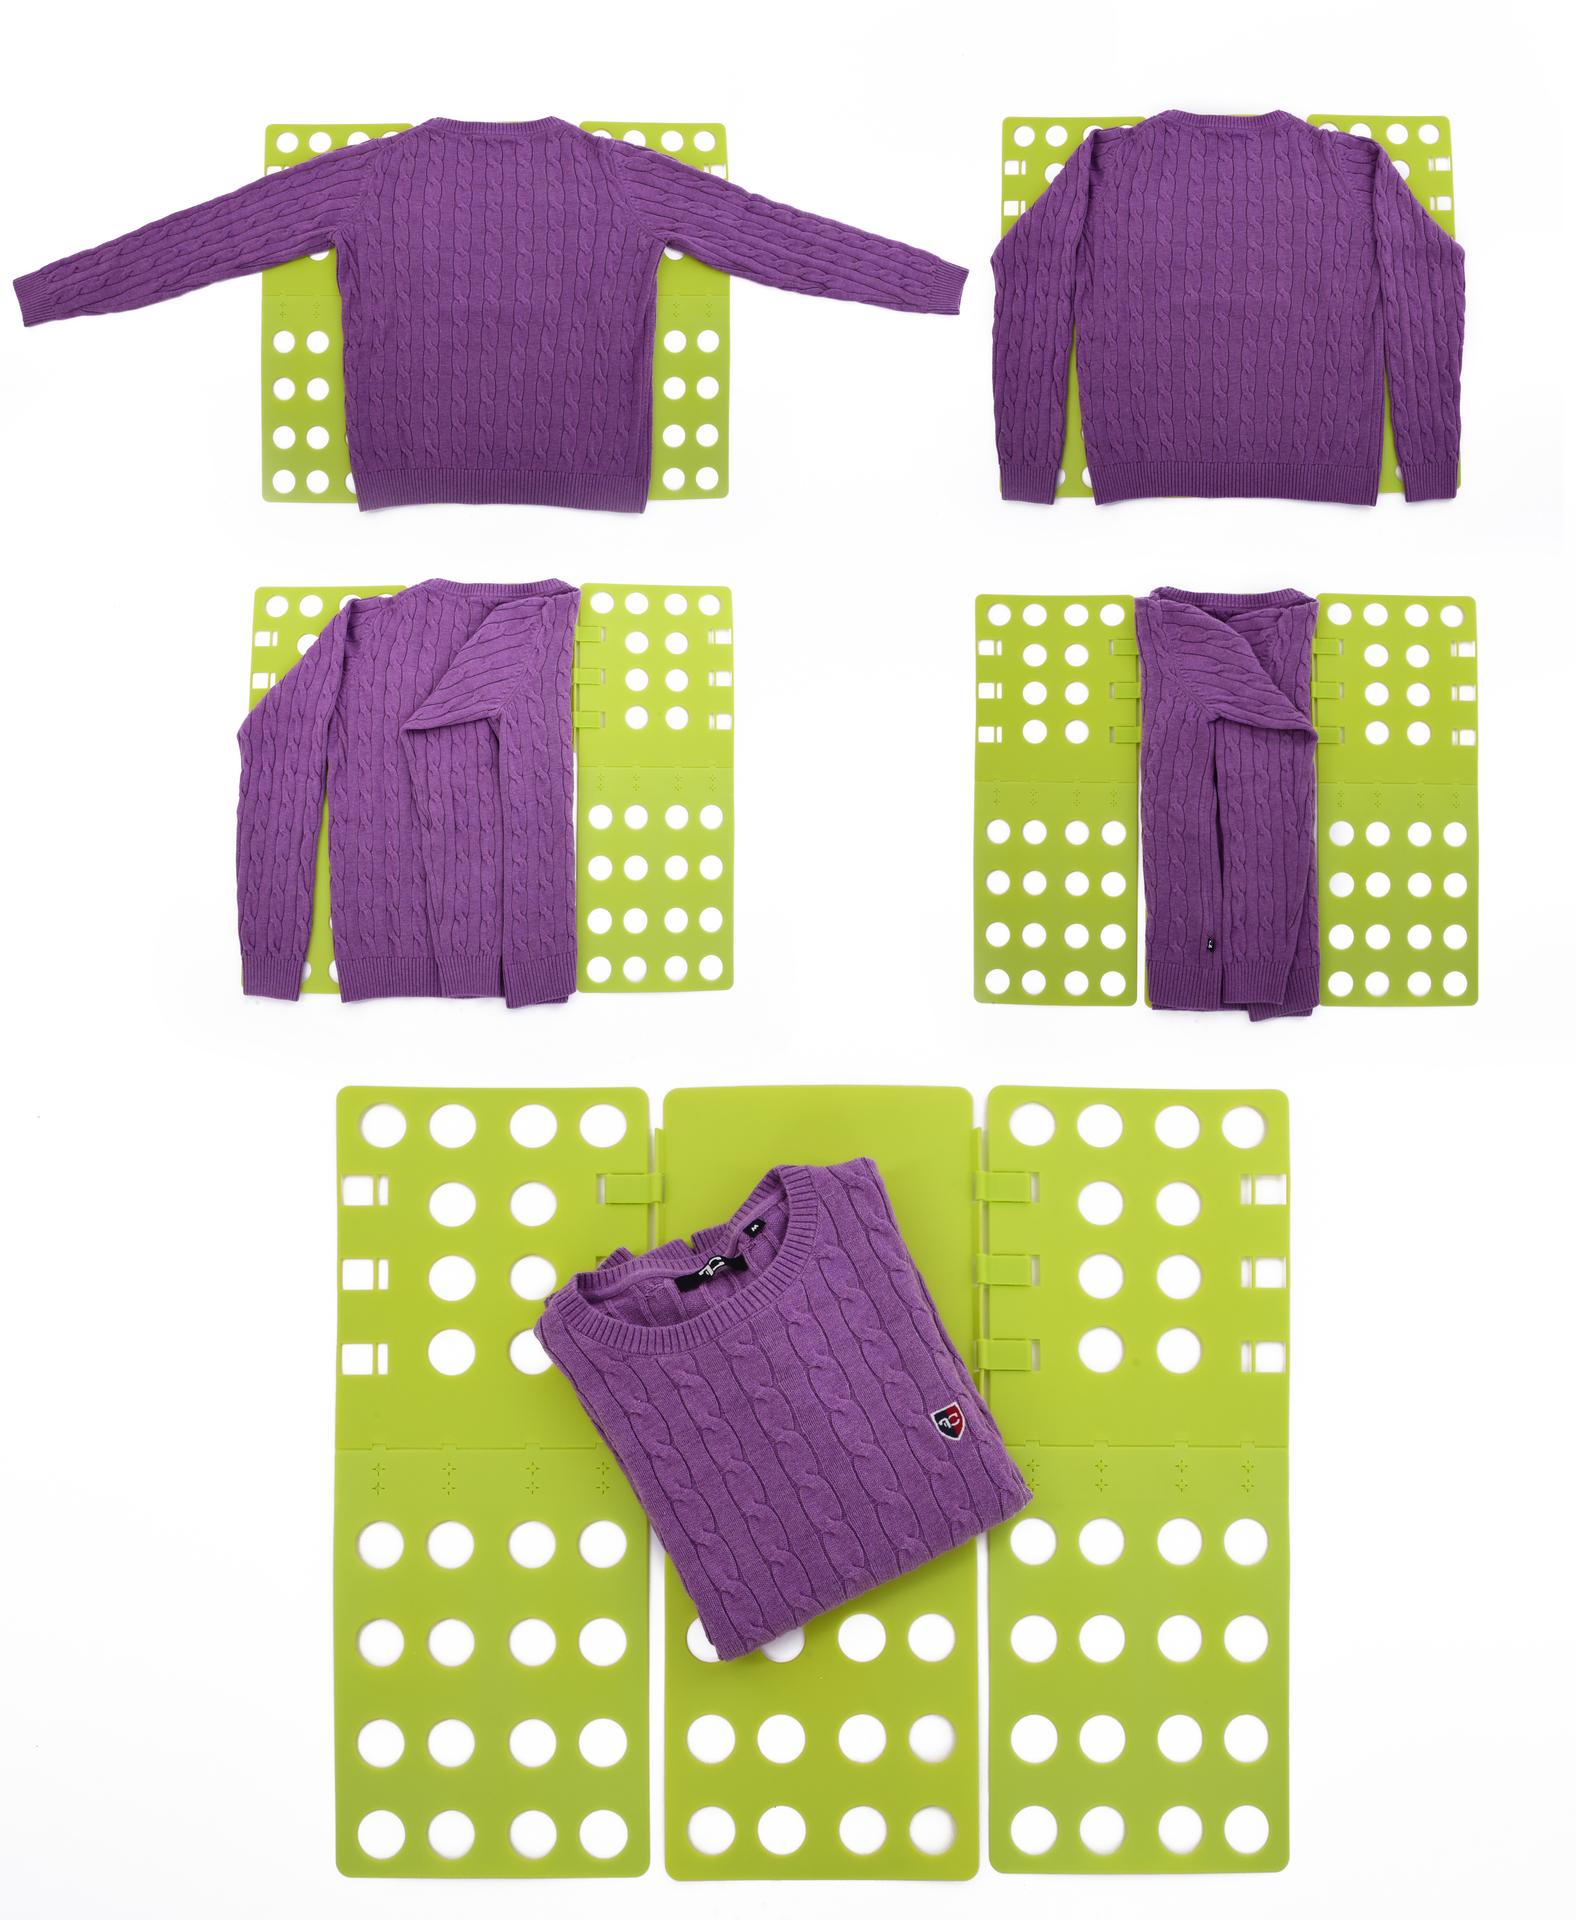 Textilo-skládač, skládá trička,košile